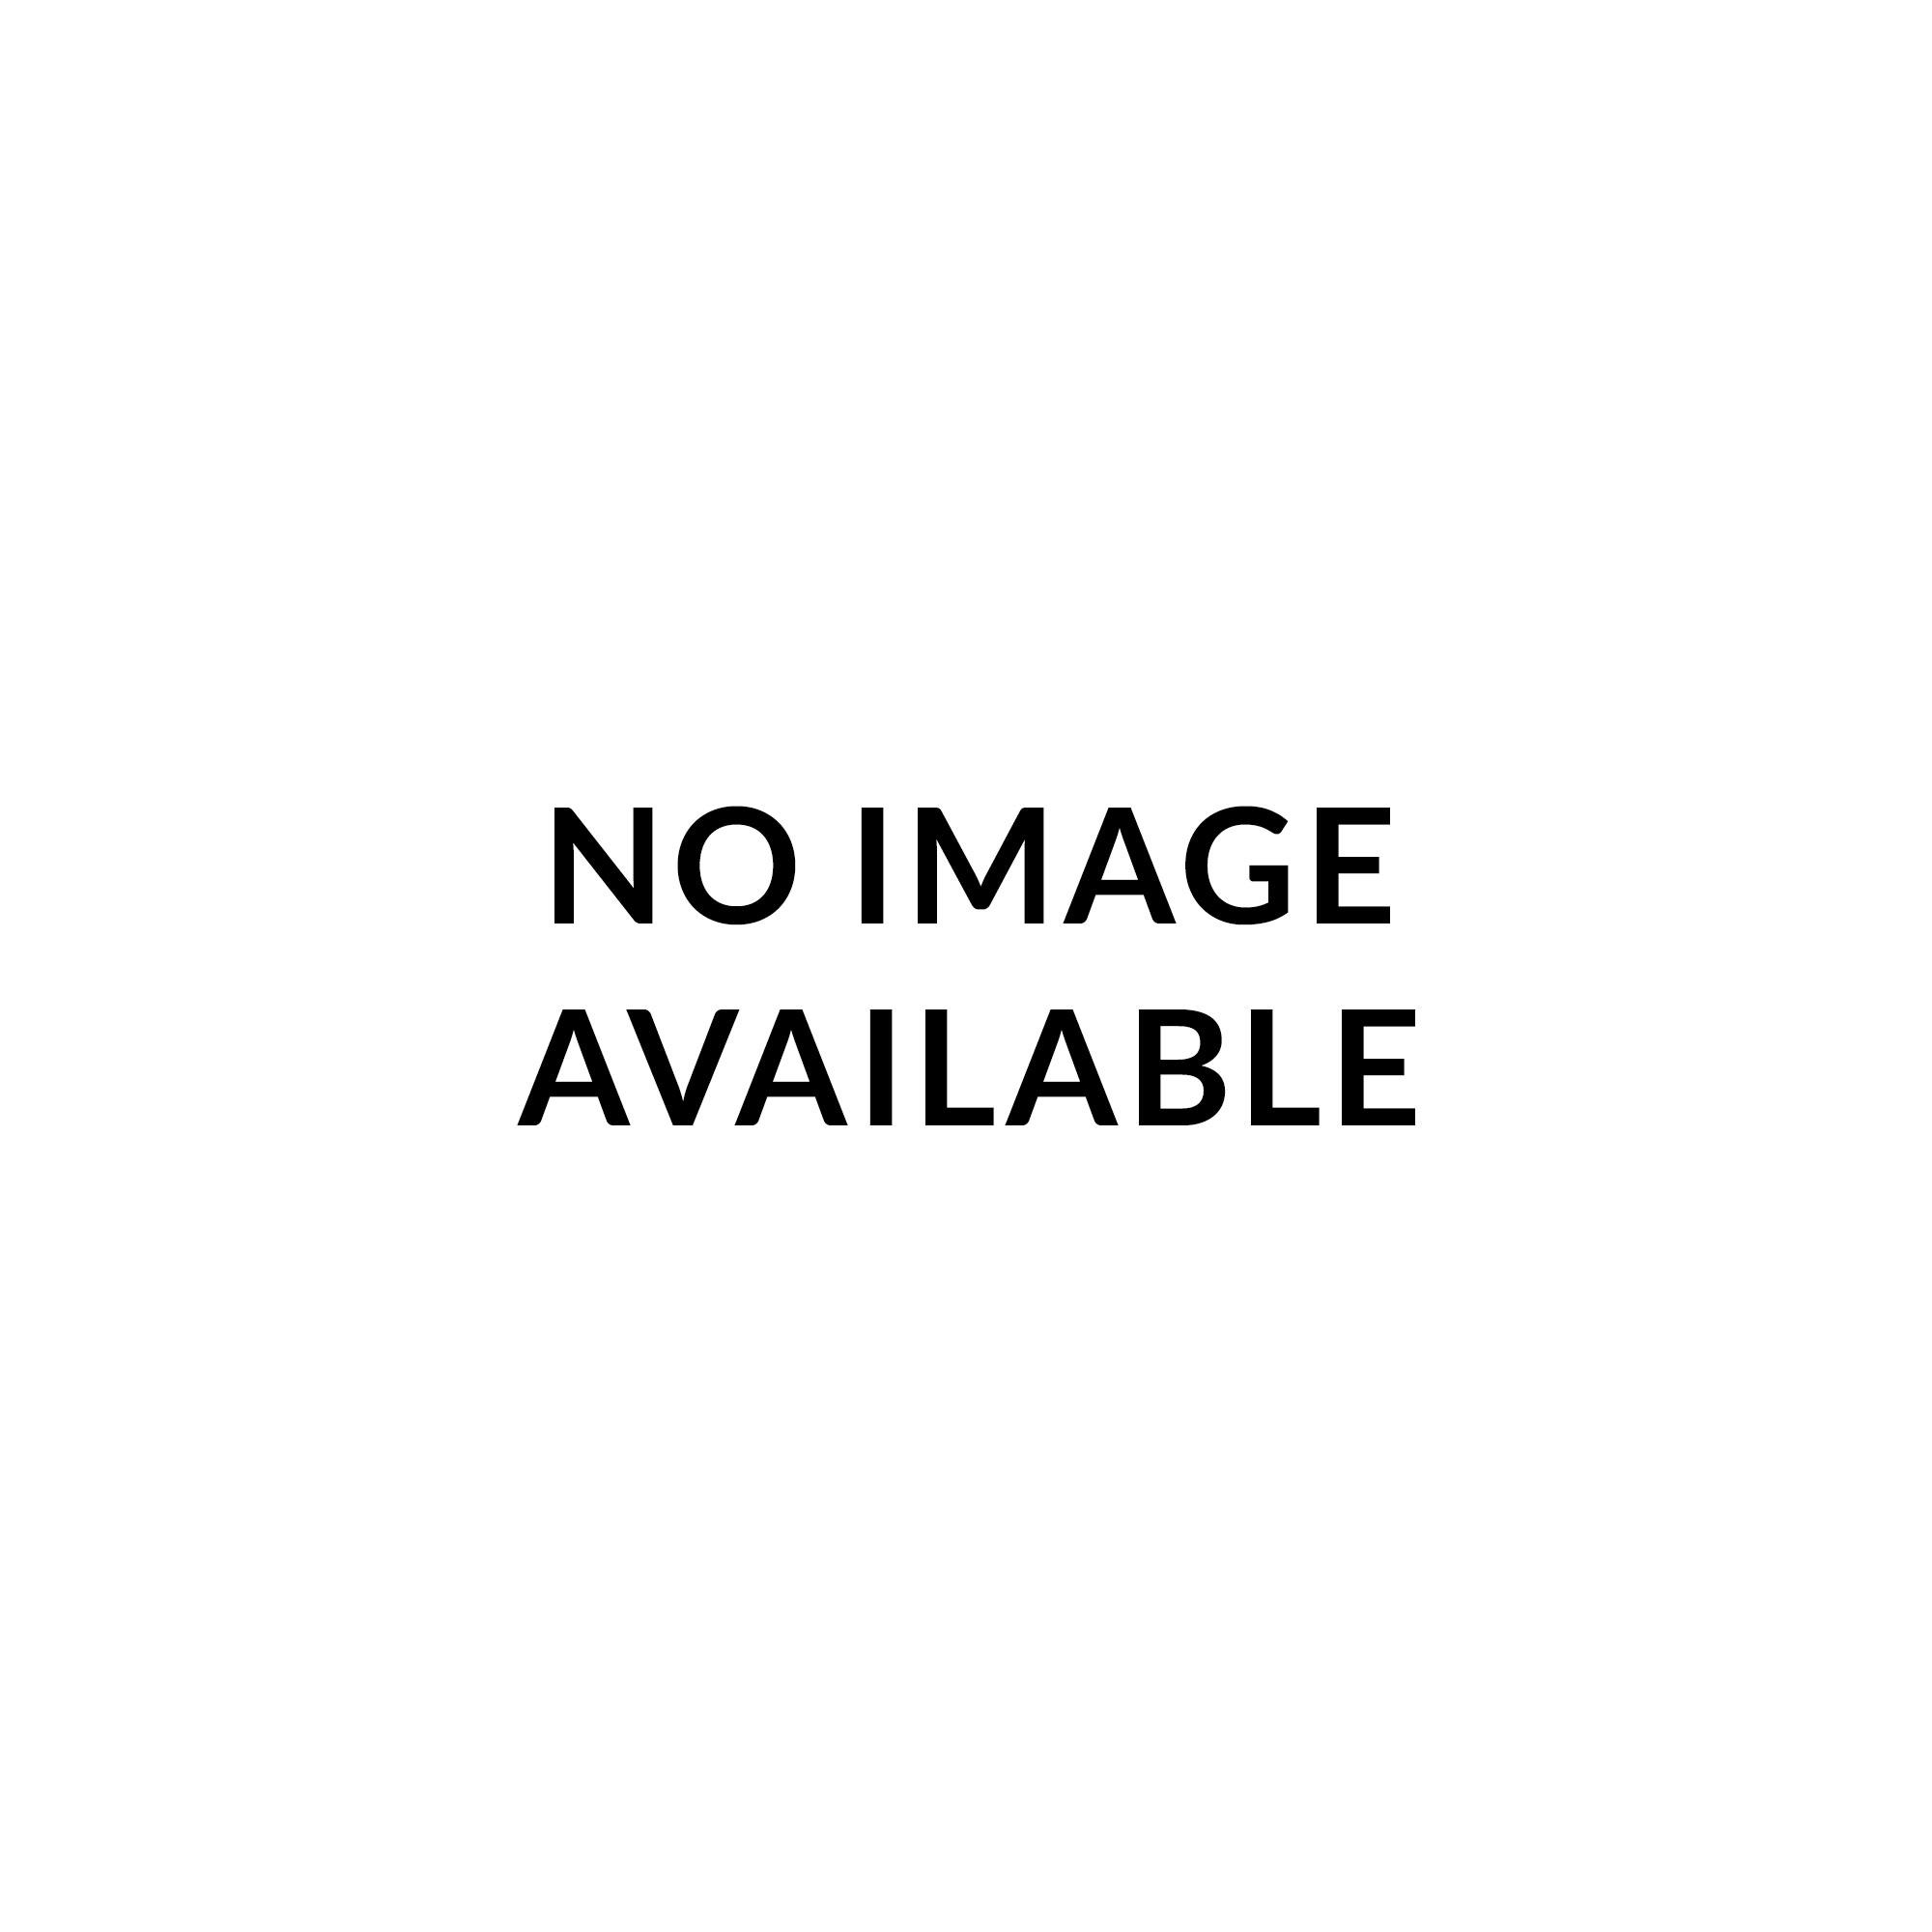 Legacy Tru-Tone Phosphor Bronze Acoustic Guitar Strings 12-54 Pack of 3 Bundle